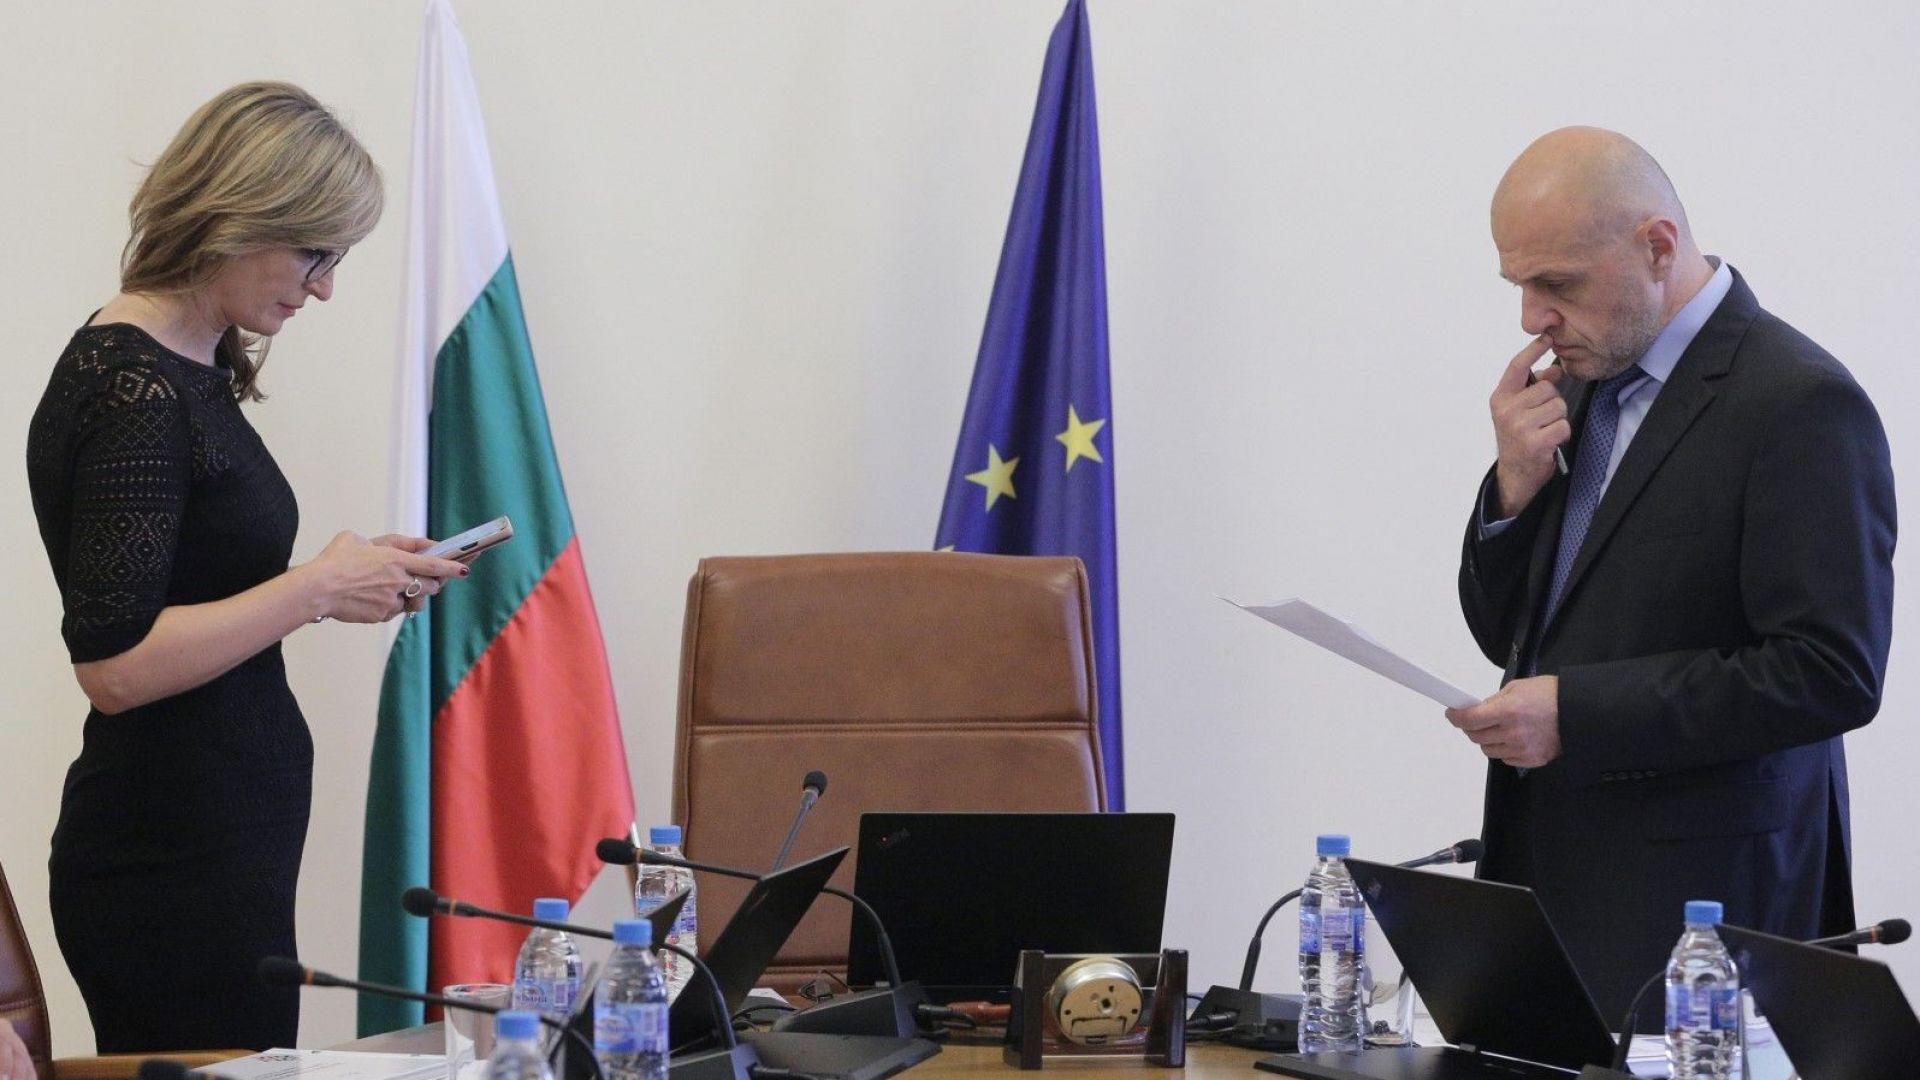 Боряна Димитрова: Ако не стане нещо изключително, няма да има предсрочни избори